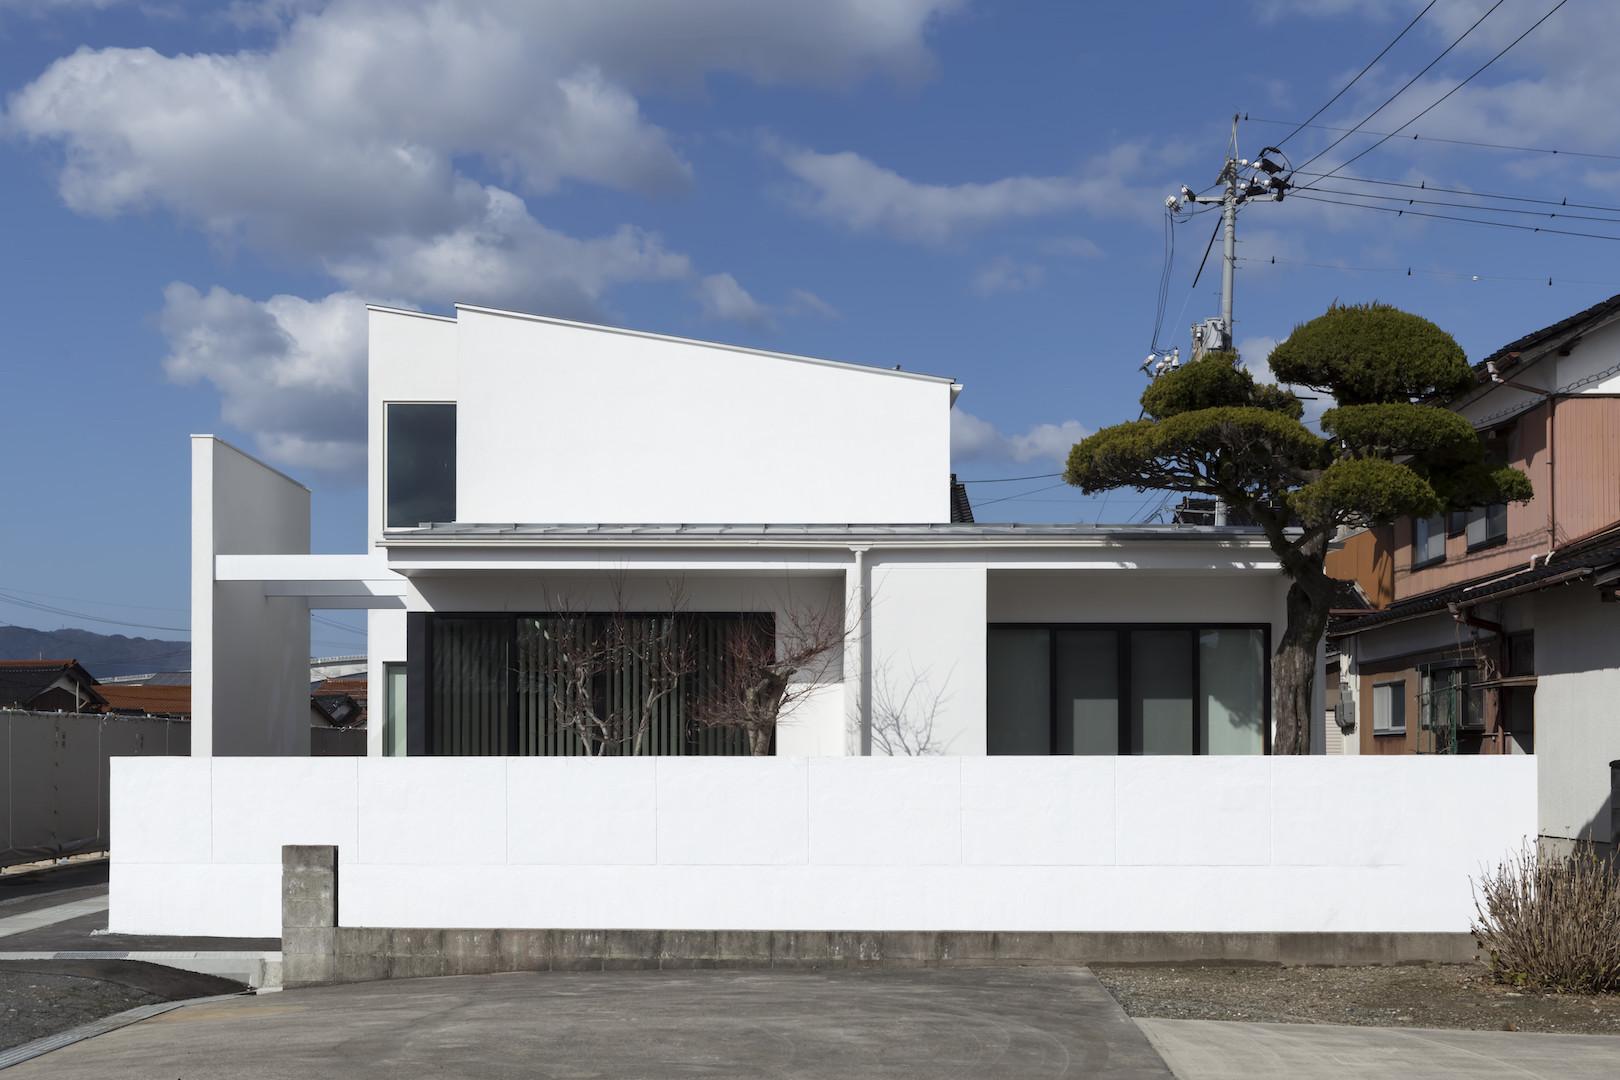 ガレージハウス(鳥取県境港市)の建築事例写真